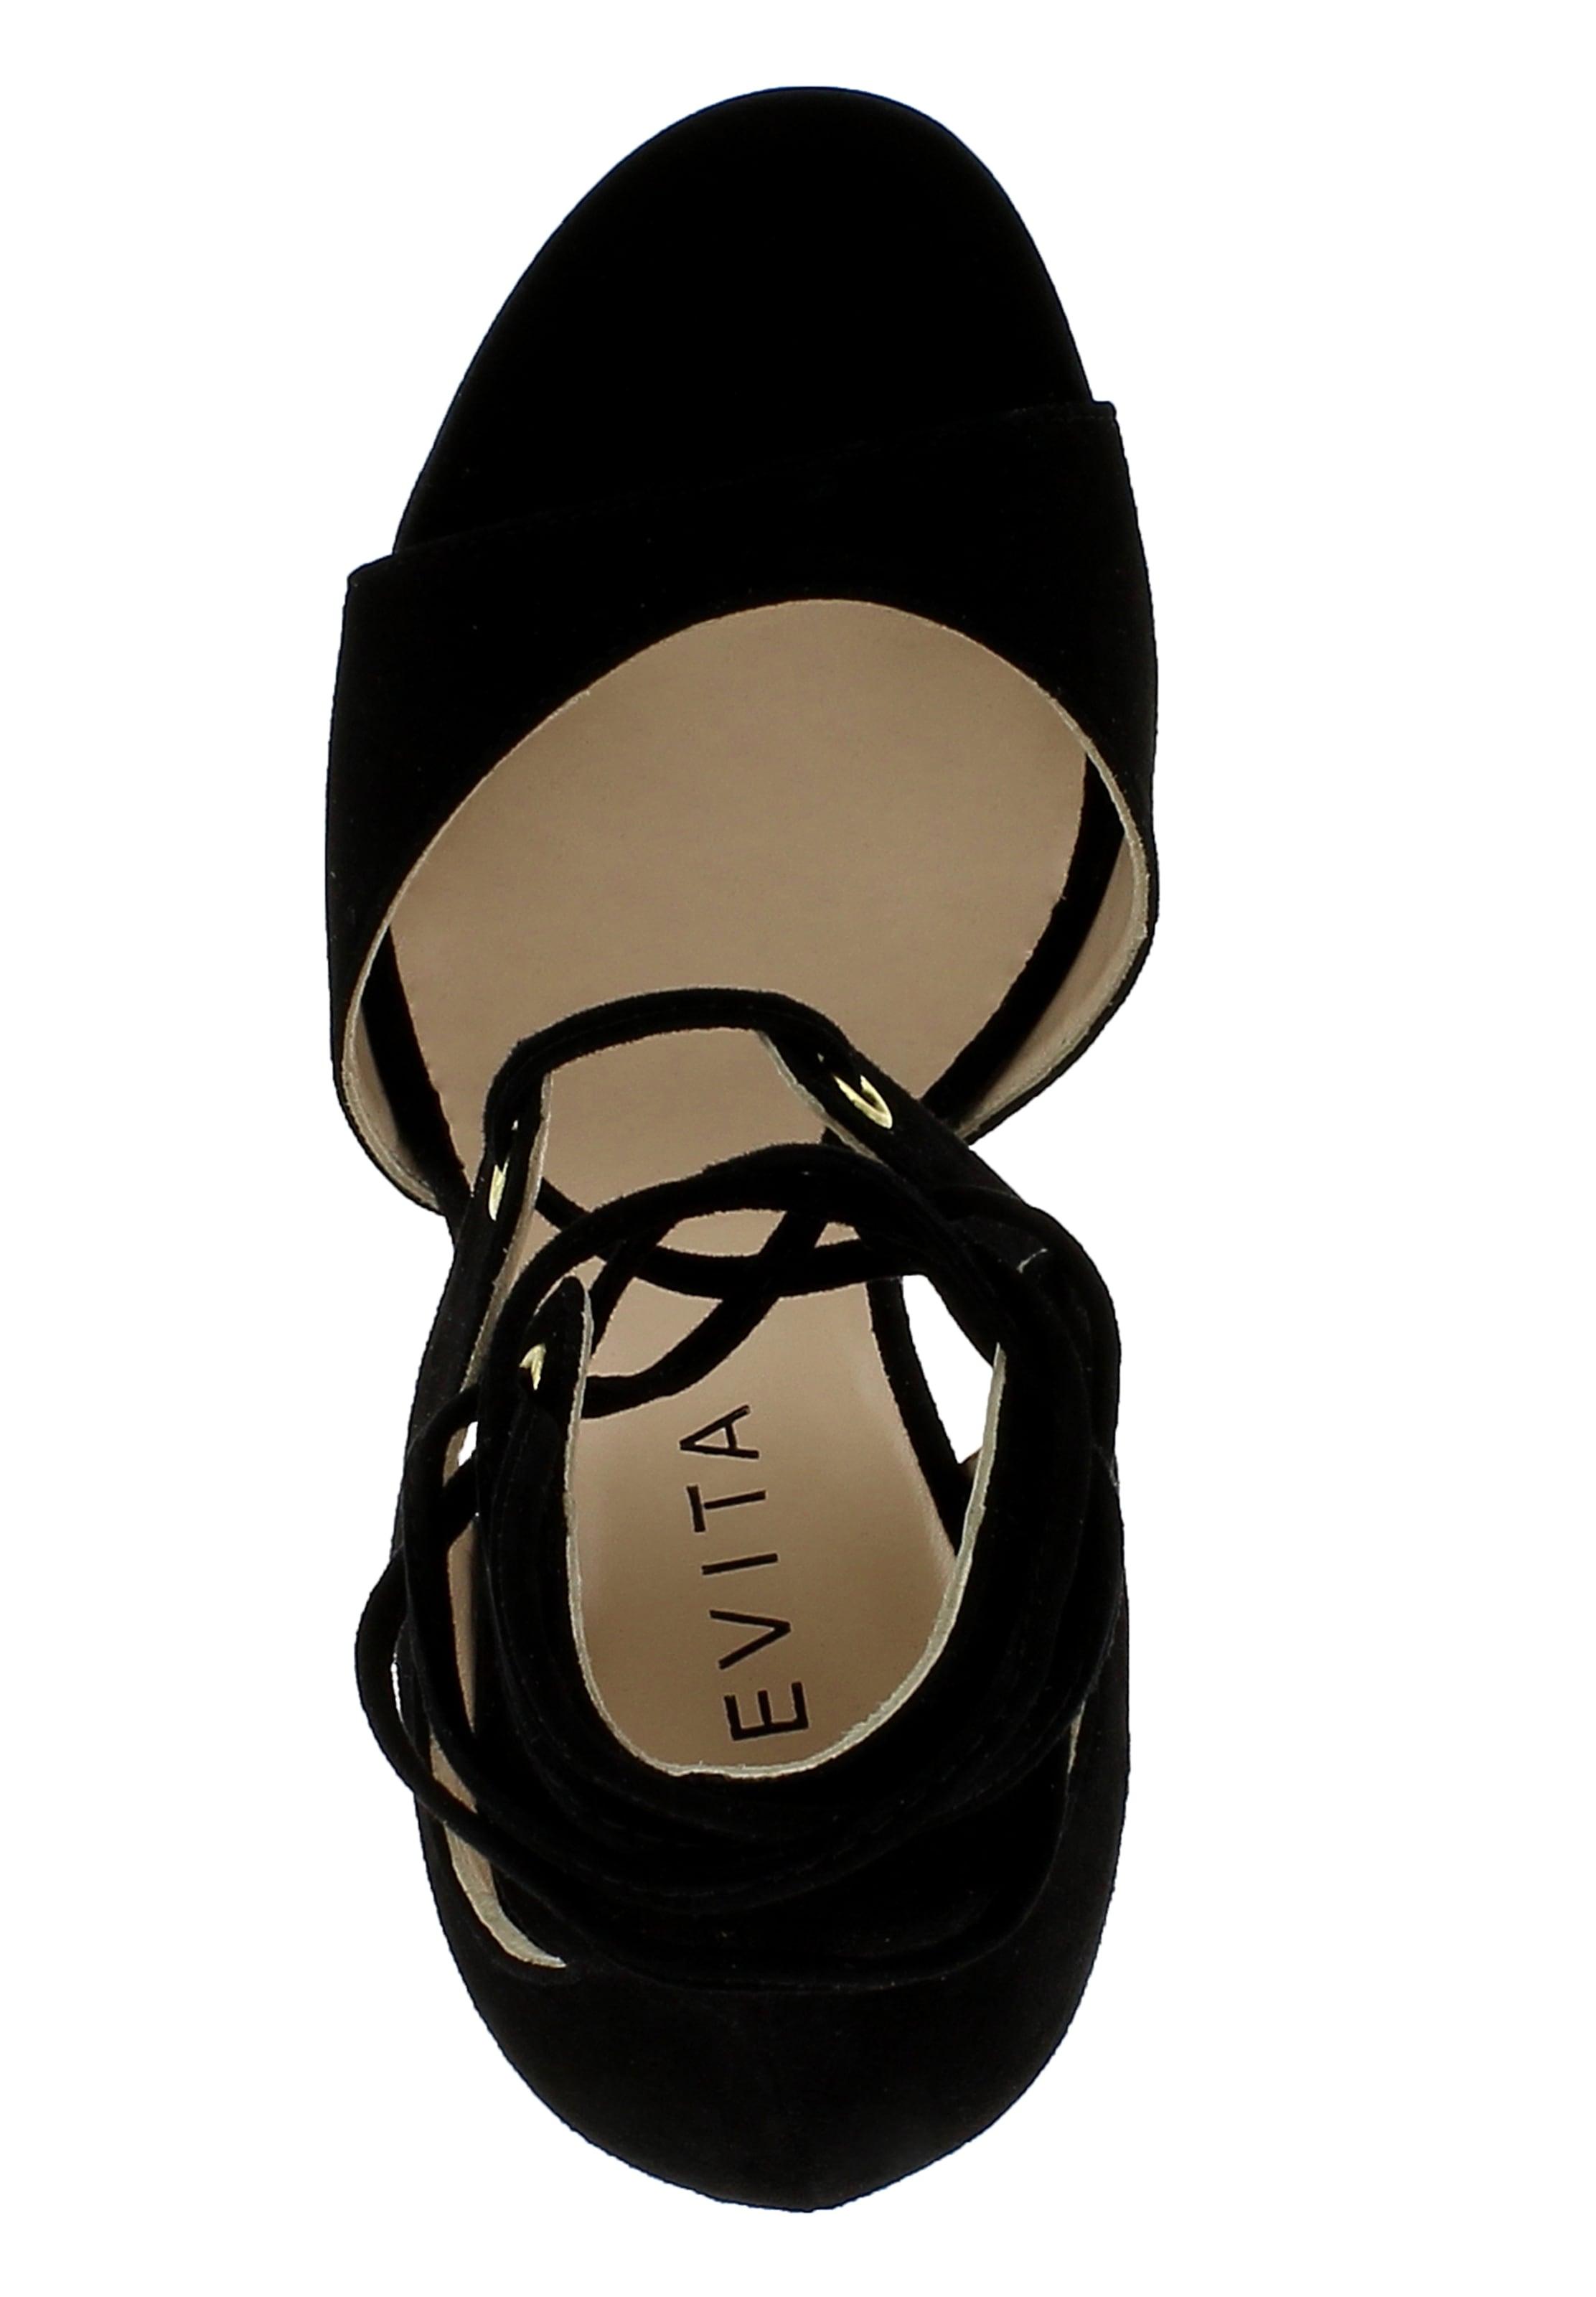 EVITA Damen Sandalette Billig Verkauf Online-Shopping Bester Online-Verkauf Eastbay Günstigen Preis Billig Verkauf Extrem Viele Arten Von 8VSH9VxmG